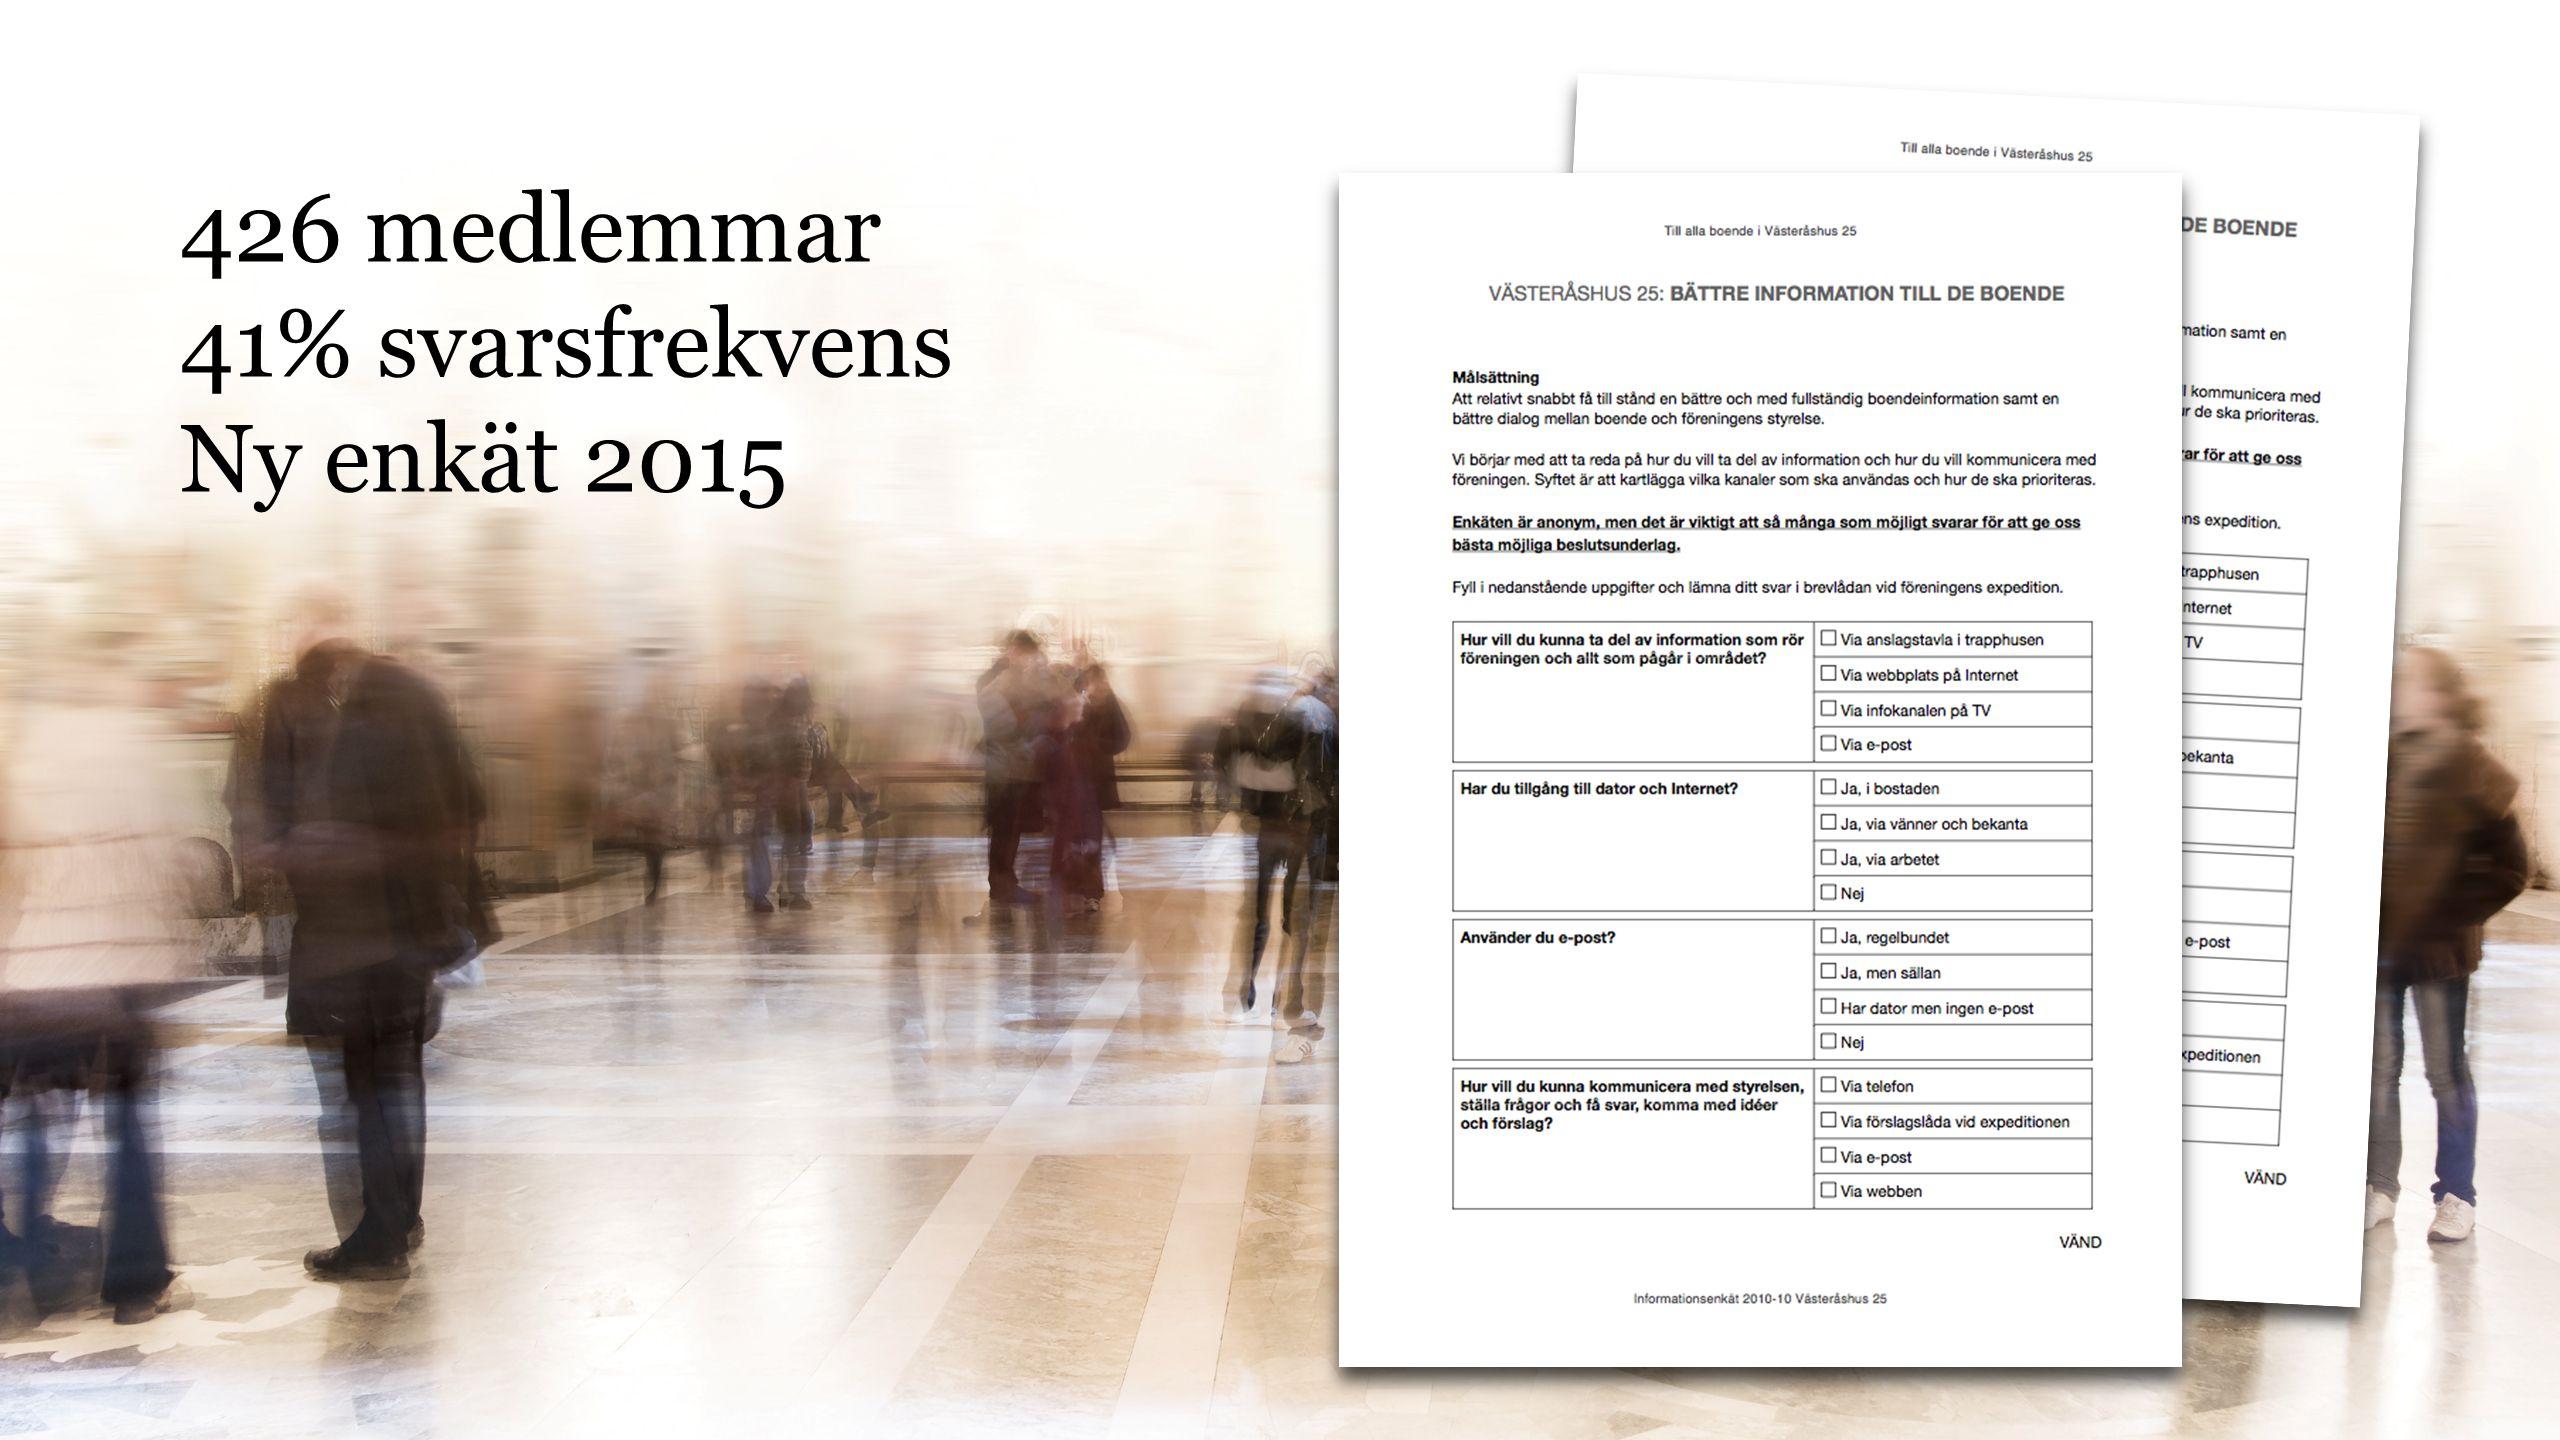 426 medlemmar 41% svarsfrekvens Ny enkät 2015